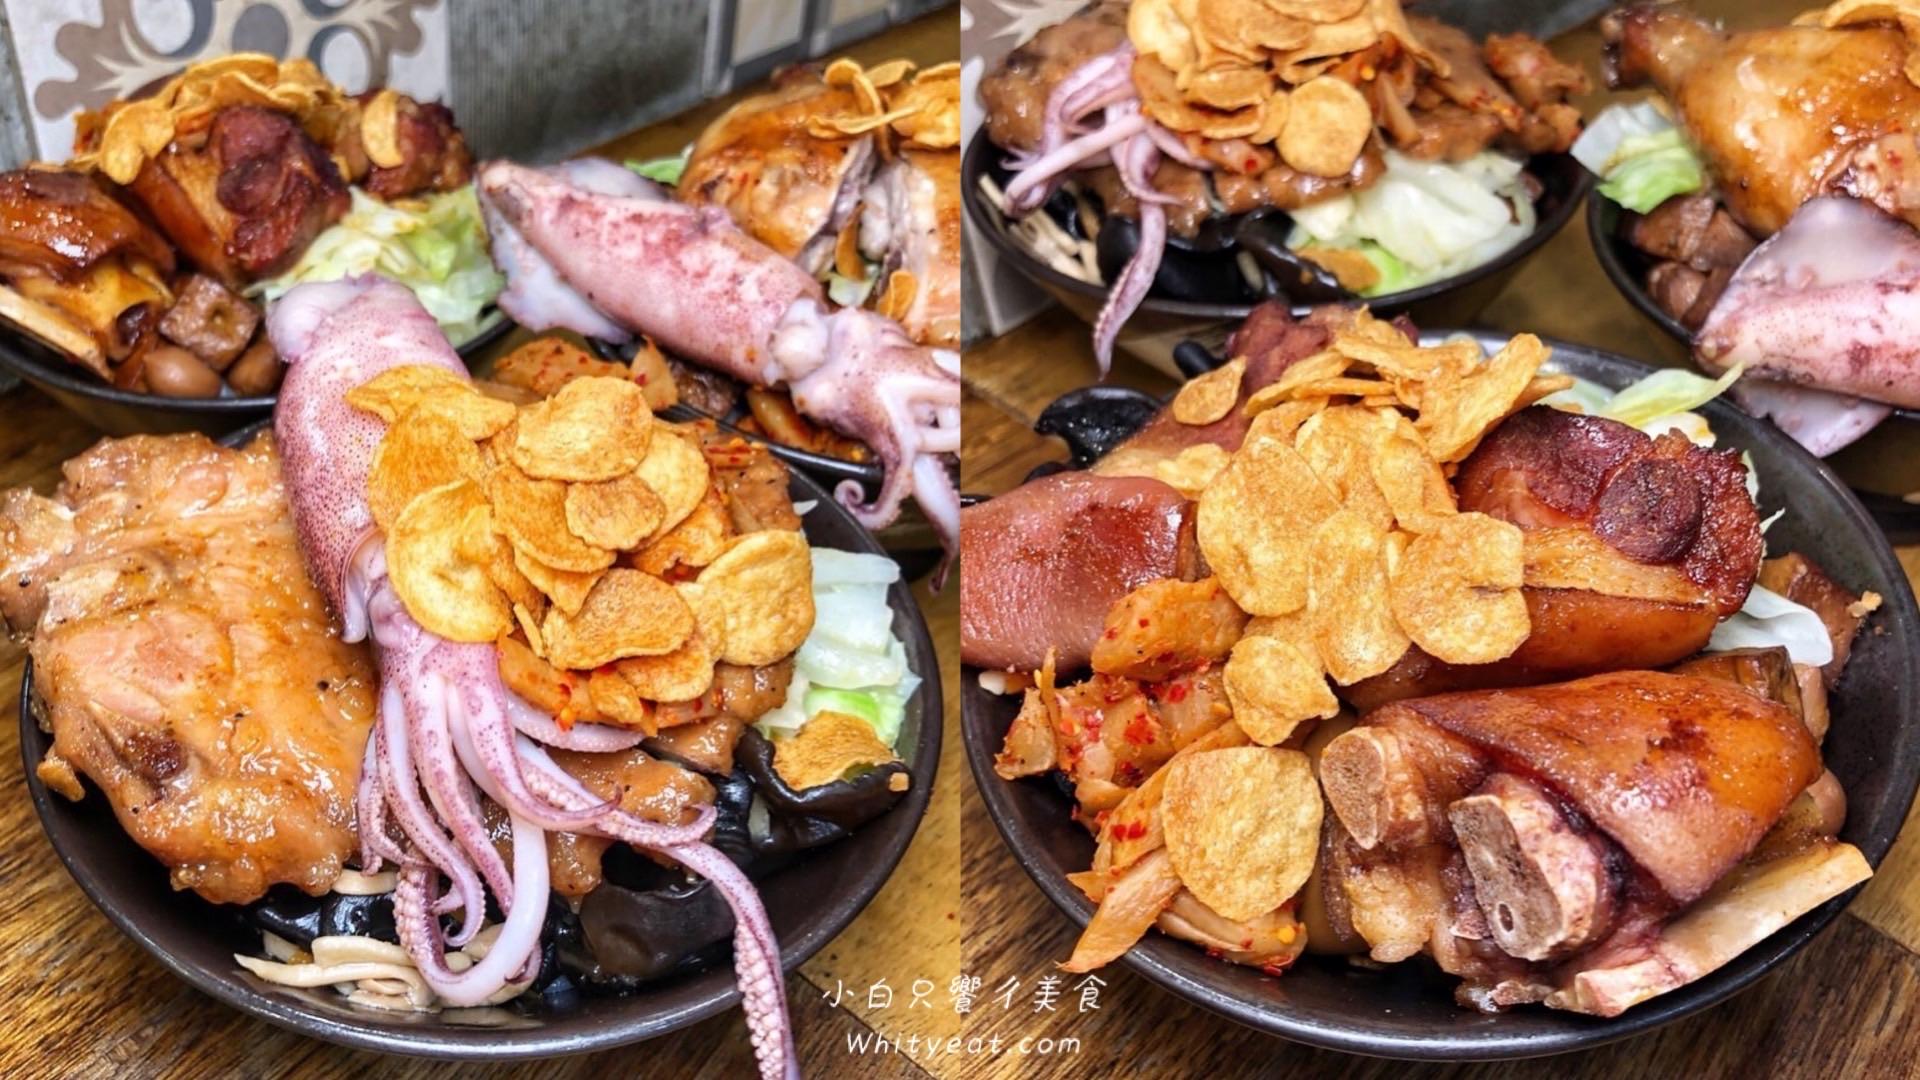 【台南美食】香香老師私房菜 浮誇海陸雙拼!重量級份量料快爆出來!不到三小時就賣光|國華街美食